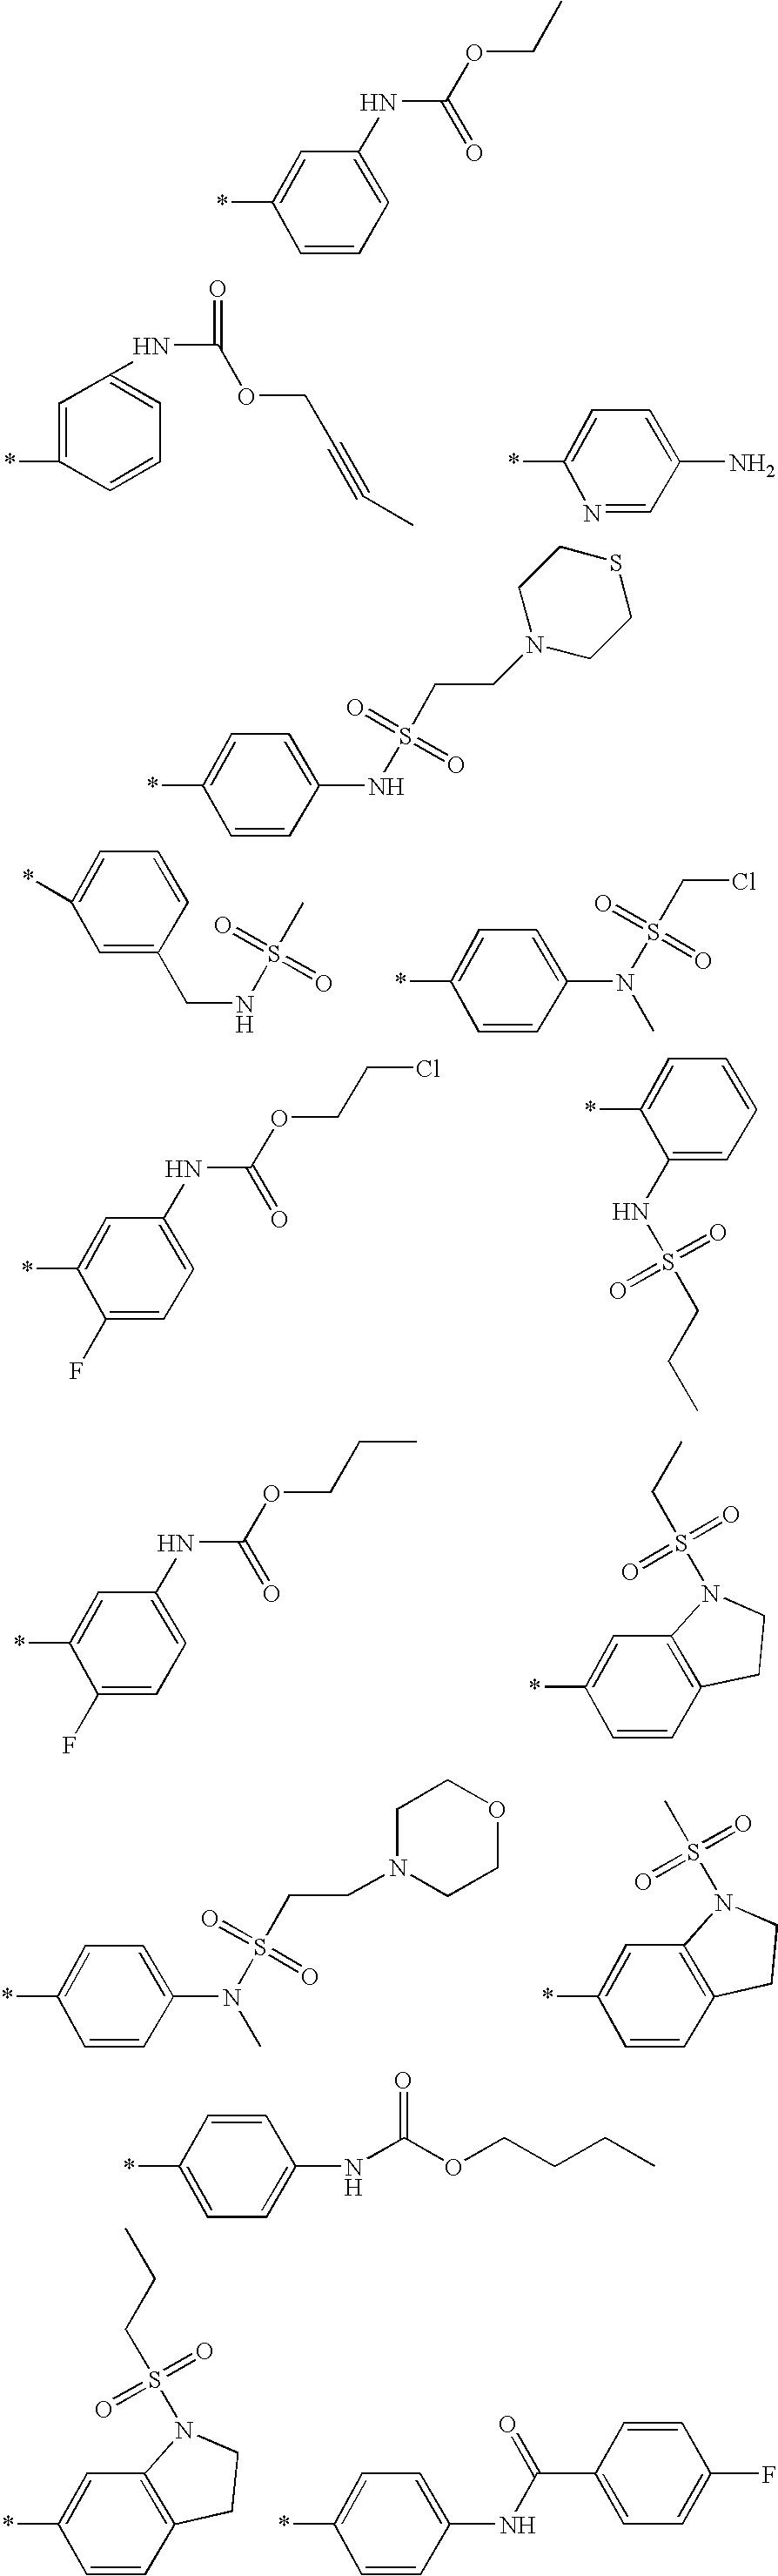 Figure US07781478-20100824-C00135